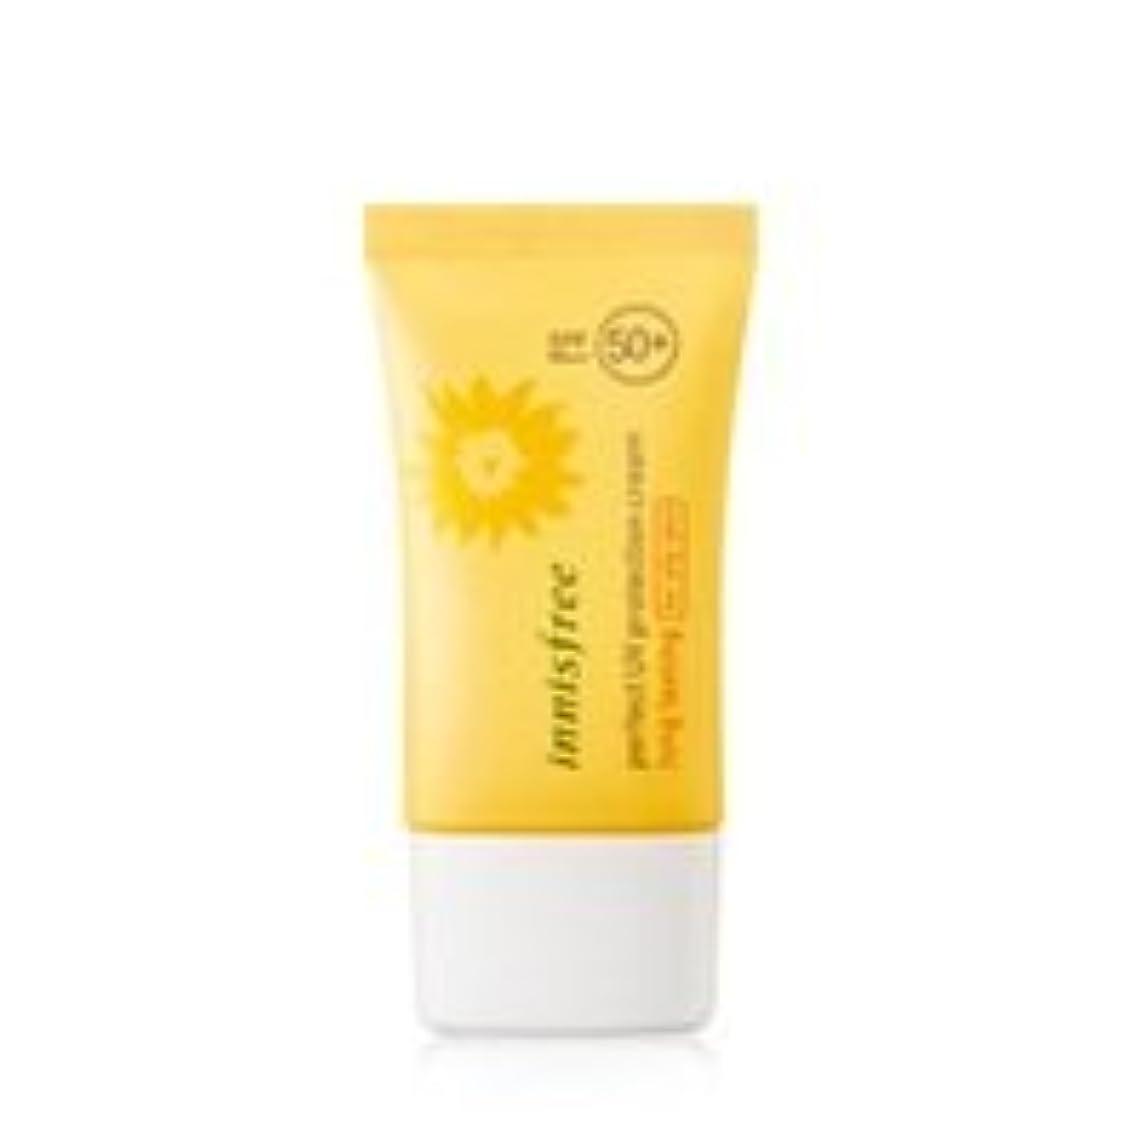 読書をする周辺次[NEW] Innisfree Perfect UV Protection Cream Long Lasting 50ml [FOR OILY SKIN] イニスフリー パーフェクトUVプロテクションクリーム ロングラスティング...